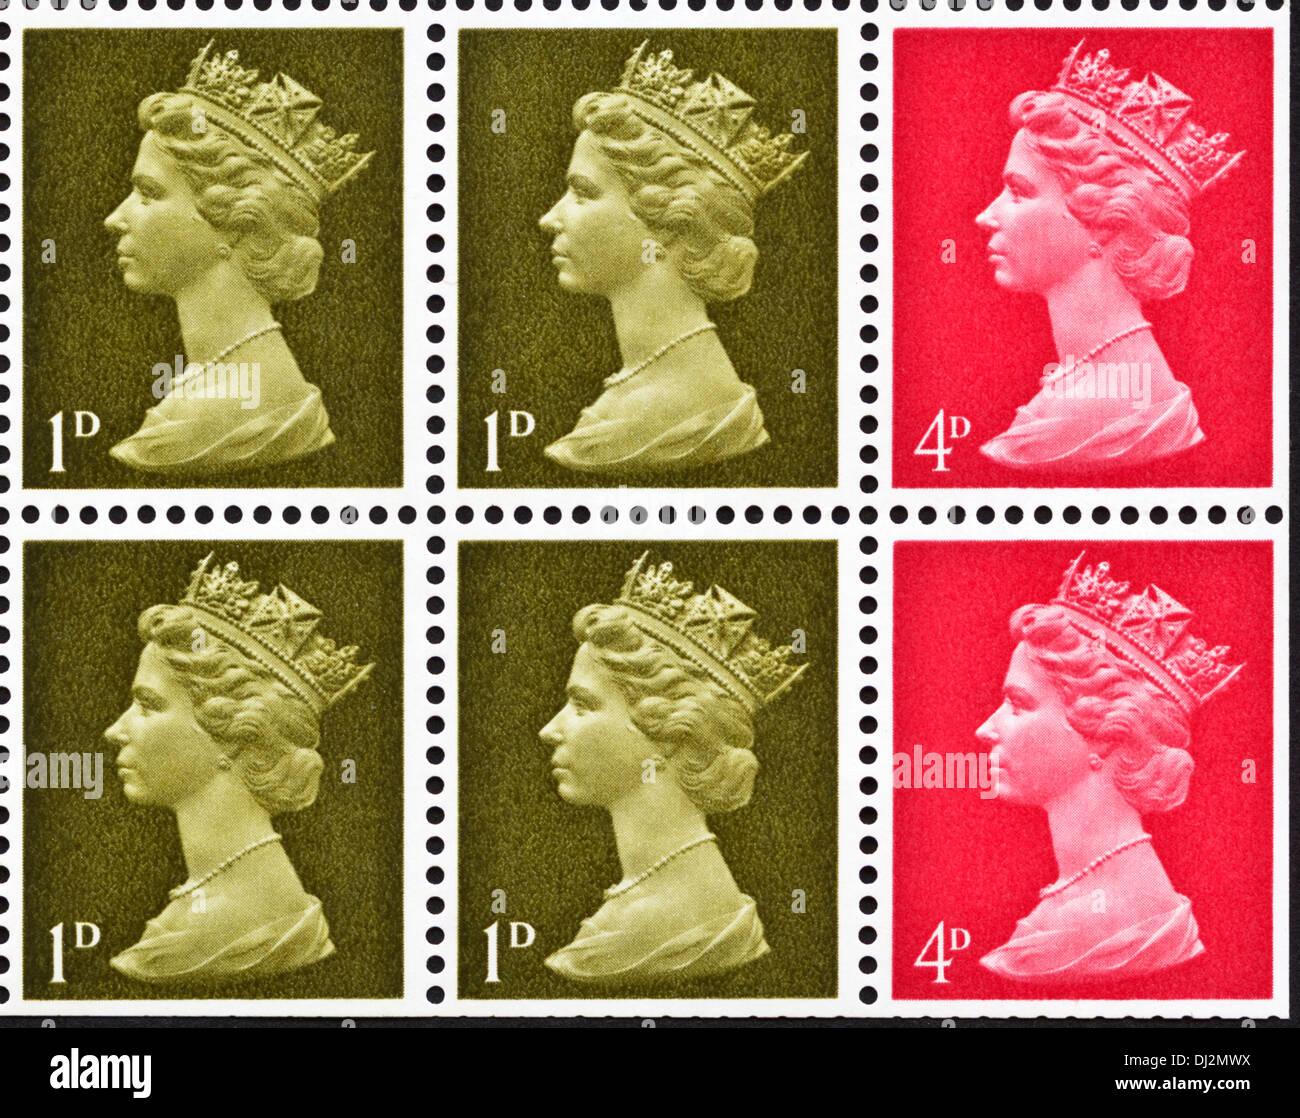 La reine Elizabeth II des timbres-UK 1D & 4d question définitive du livre de timbres du 1969 Banque D'Images